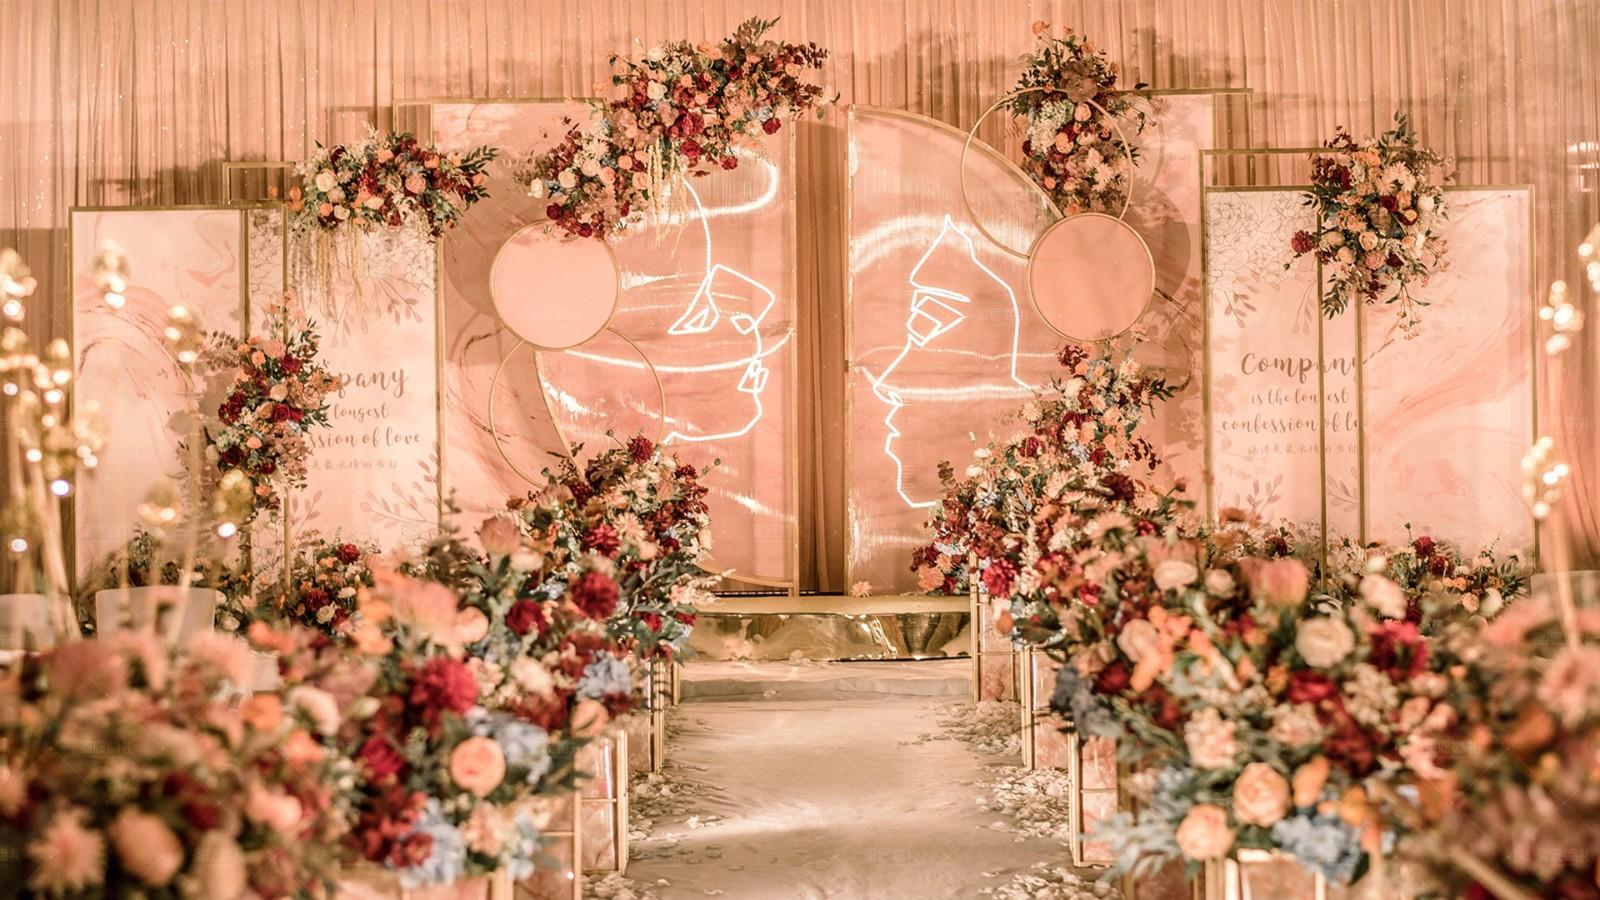 一些简单唯美的结婚祝福语